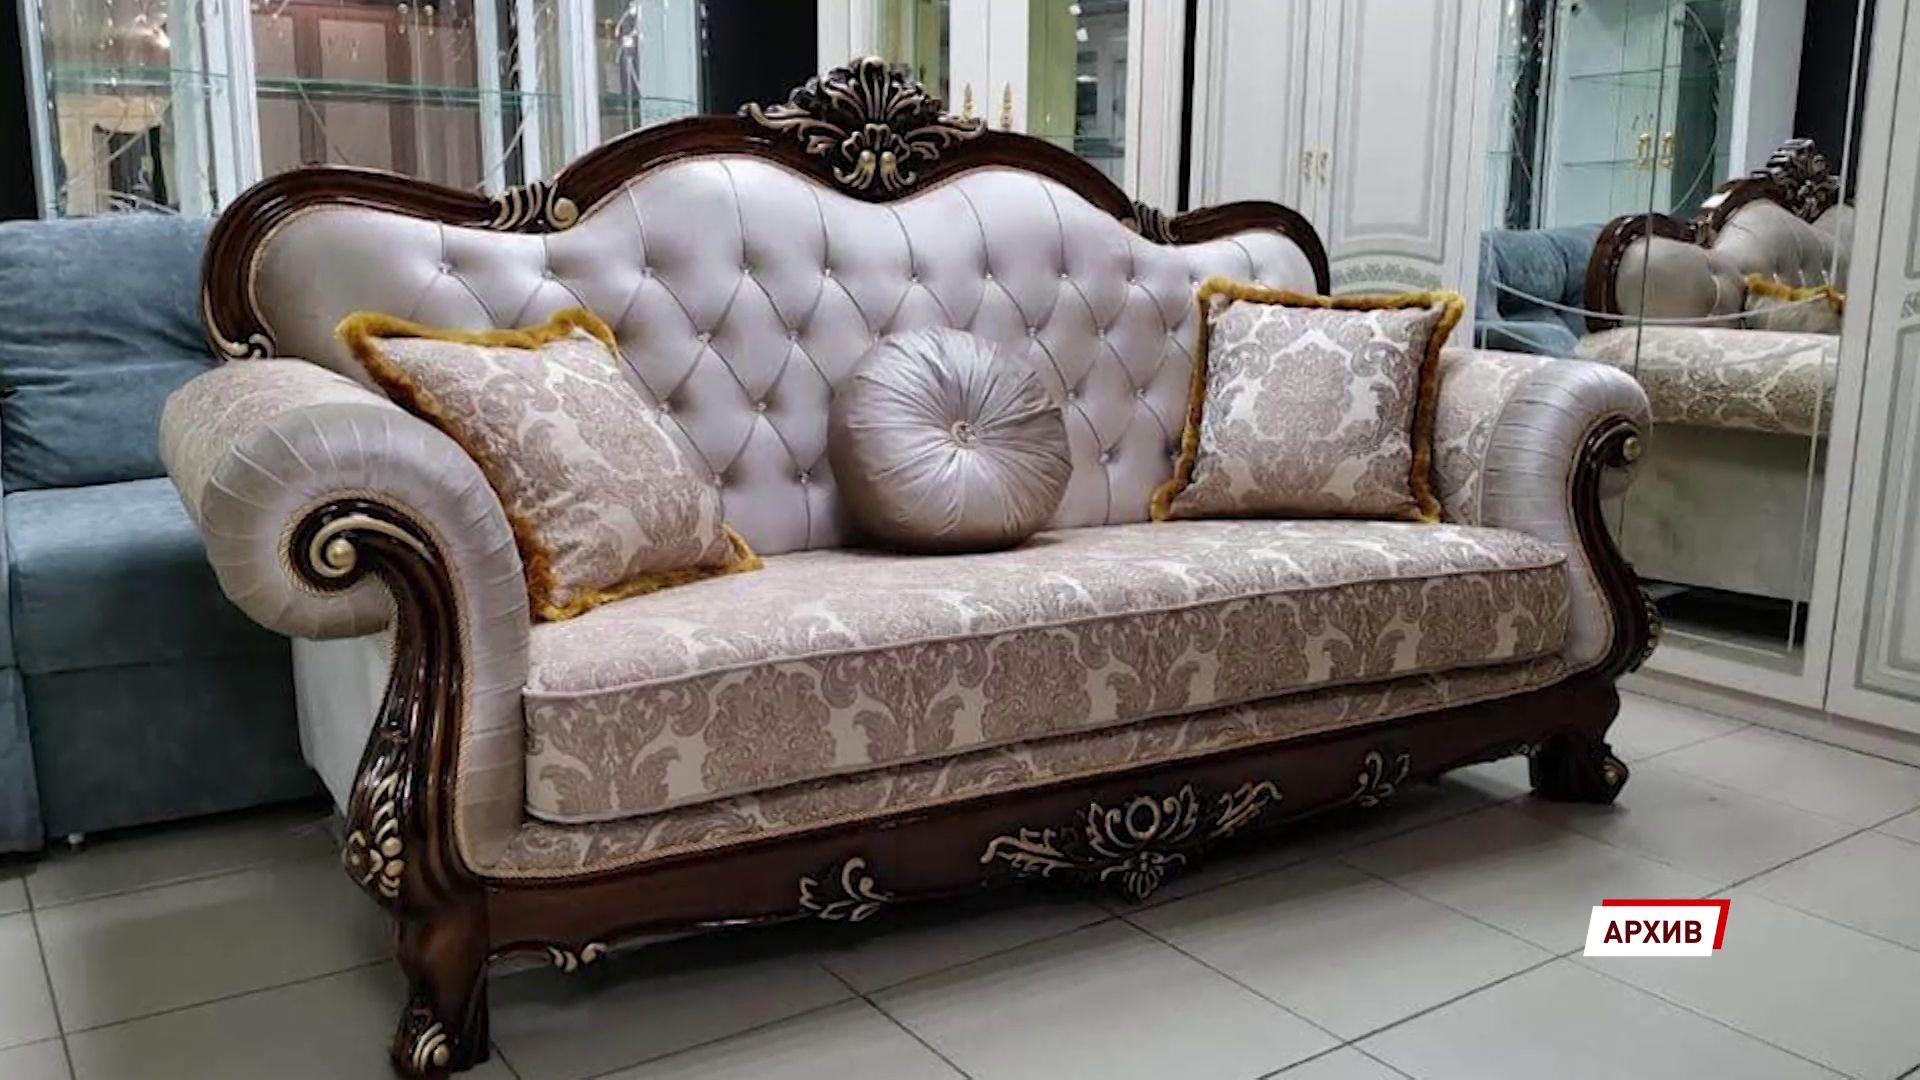 Судебные приставы нагрянули в ярославский мебельный магазин